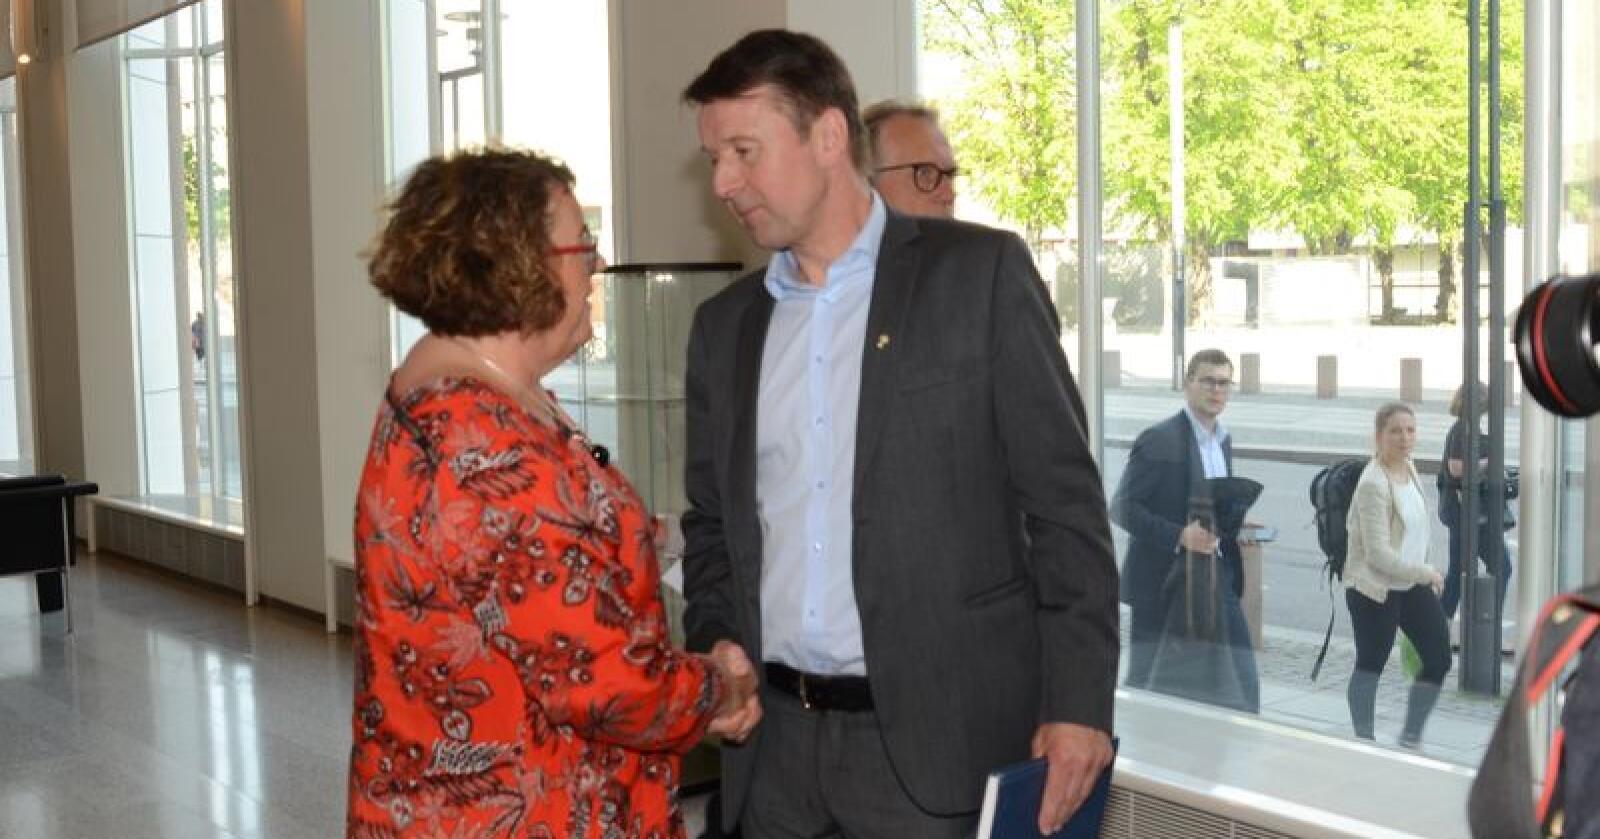 Landbruksminister Olaug Bollestad og bondelagsleder Lars Petter Bartnes. (Foto: Linda Sunde)